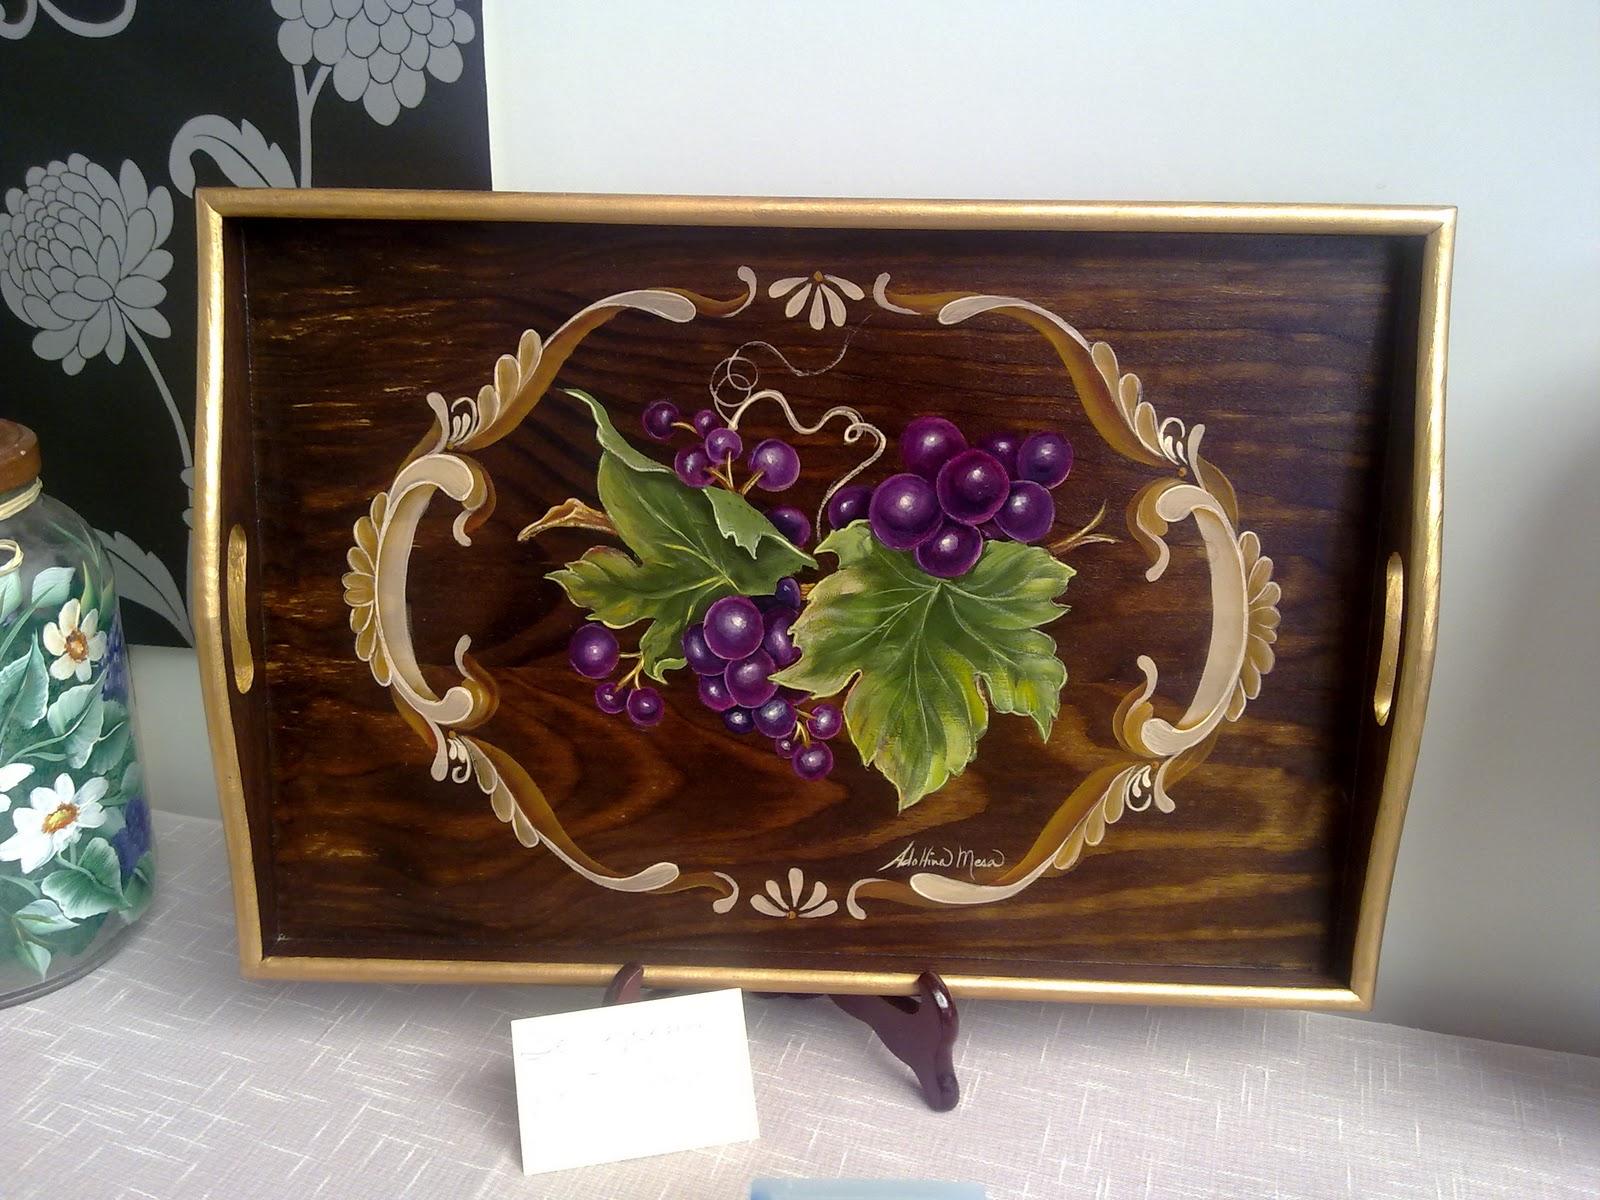 Adolfina mesa bandejas de madera decoradas y pintadas a mano for Bandejas de madera decoradas